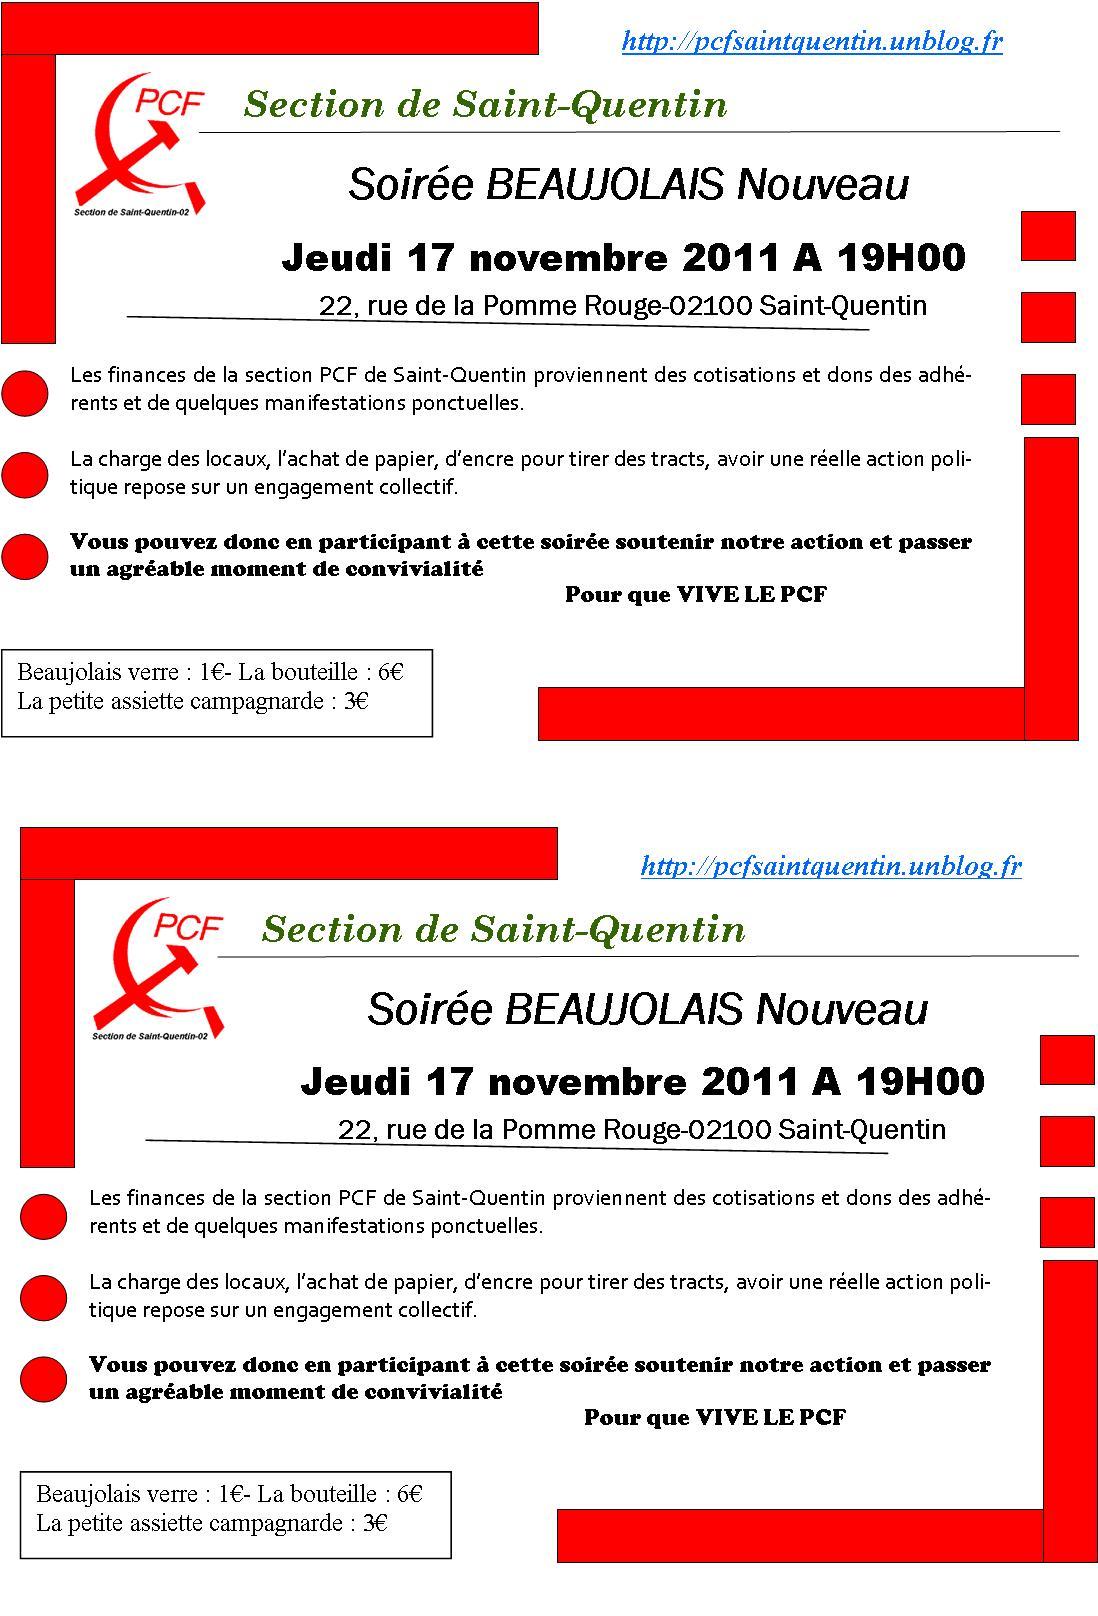 beaujolais2011.jpg